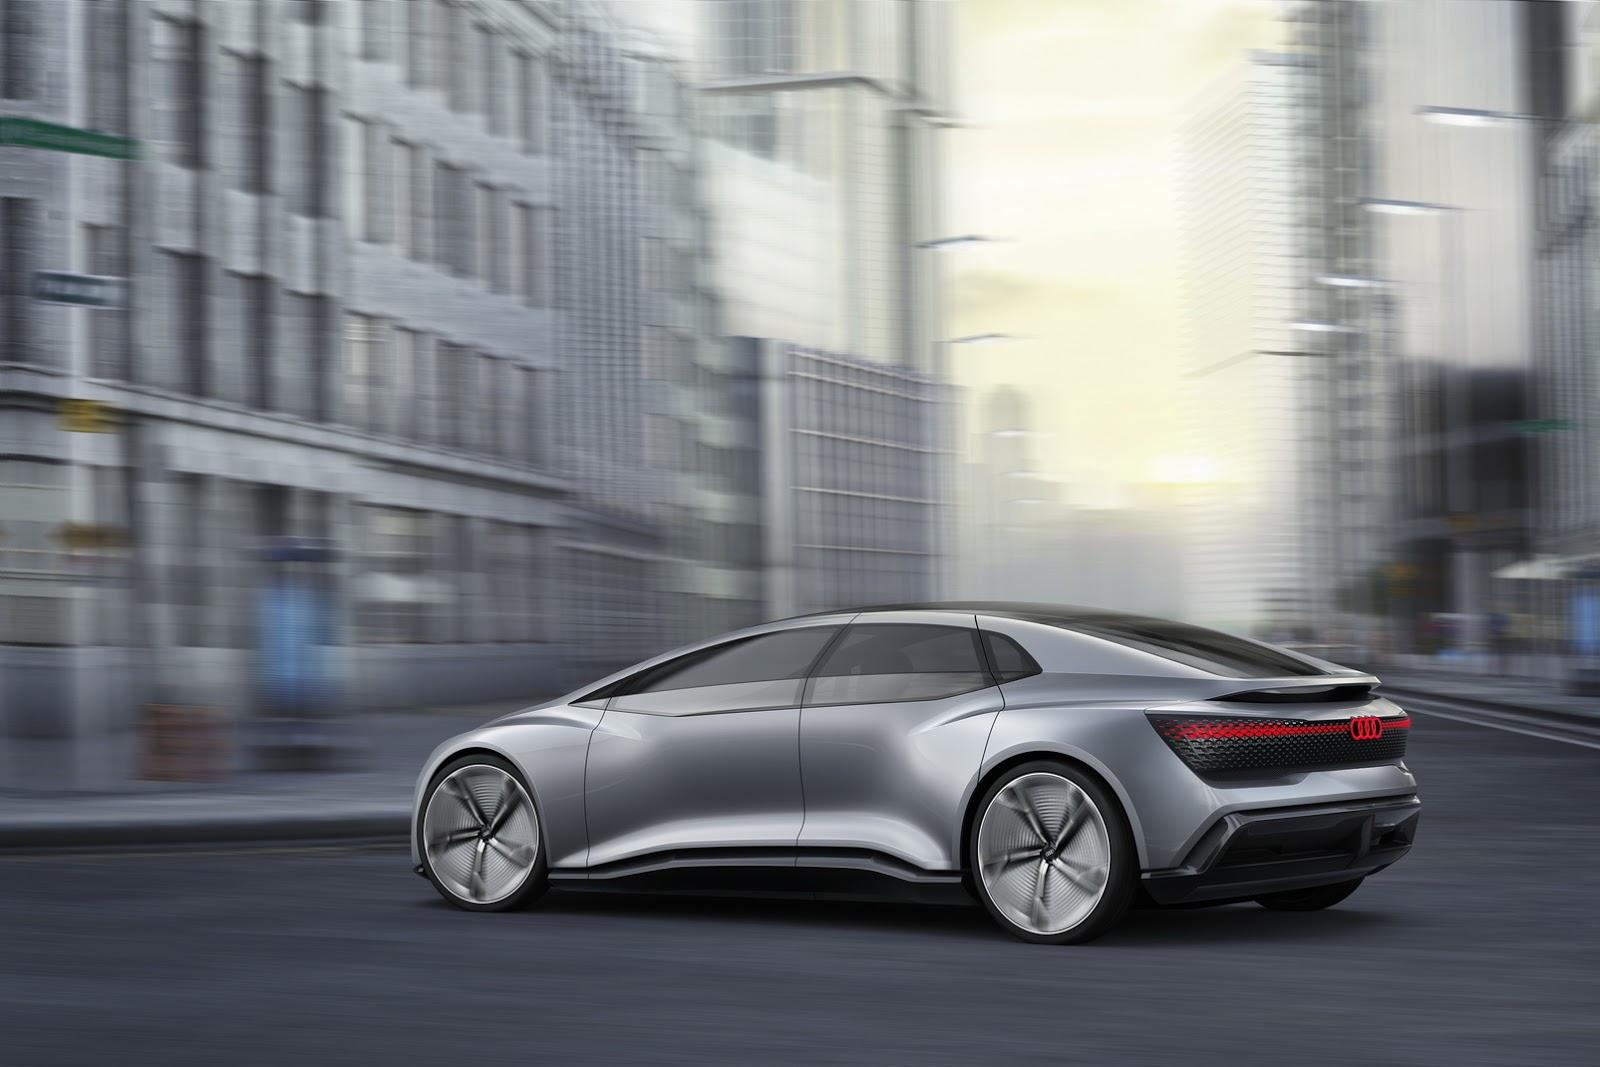 Audi Q6 E Tron >> Audi Aicon Concept Is Another Autonomous EV, This Time Without a Steering Wheel - autoevolution